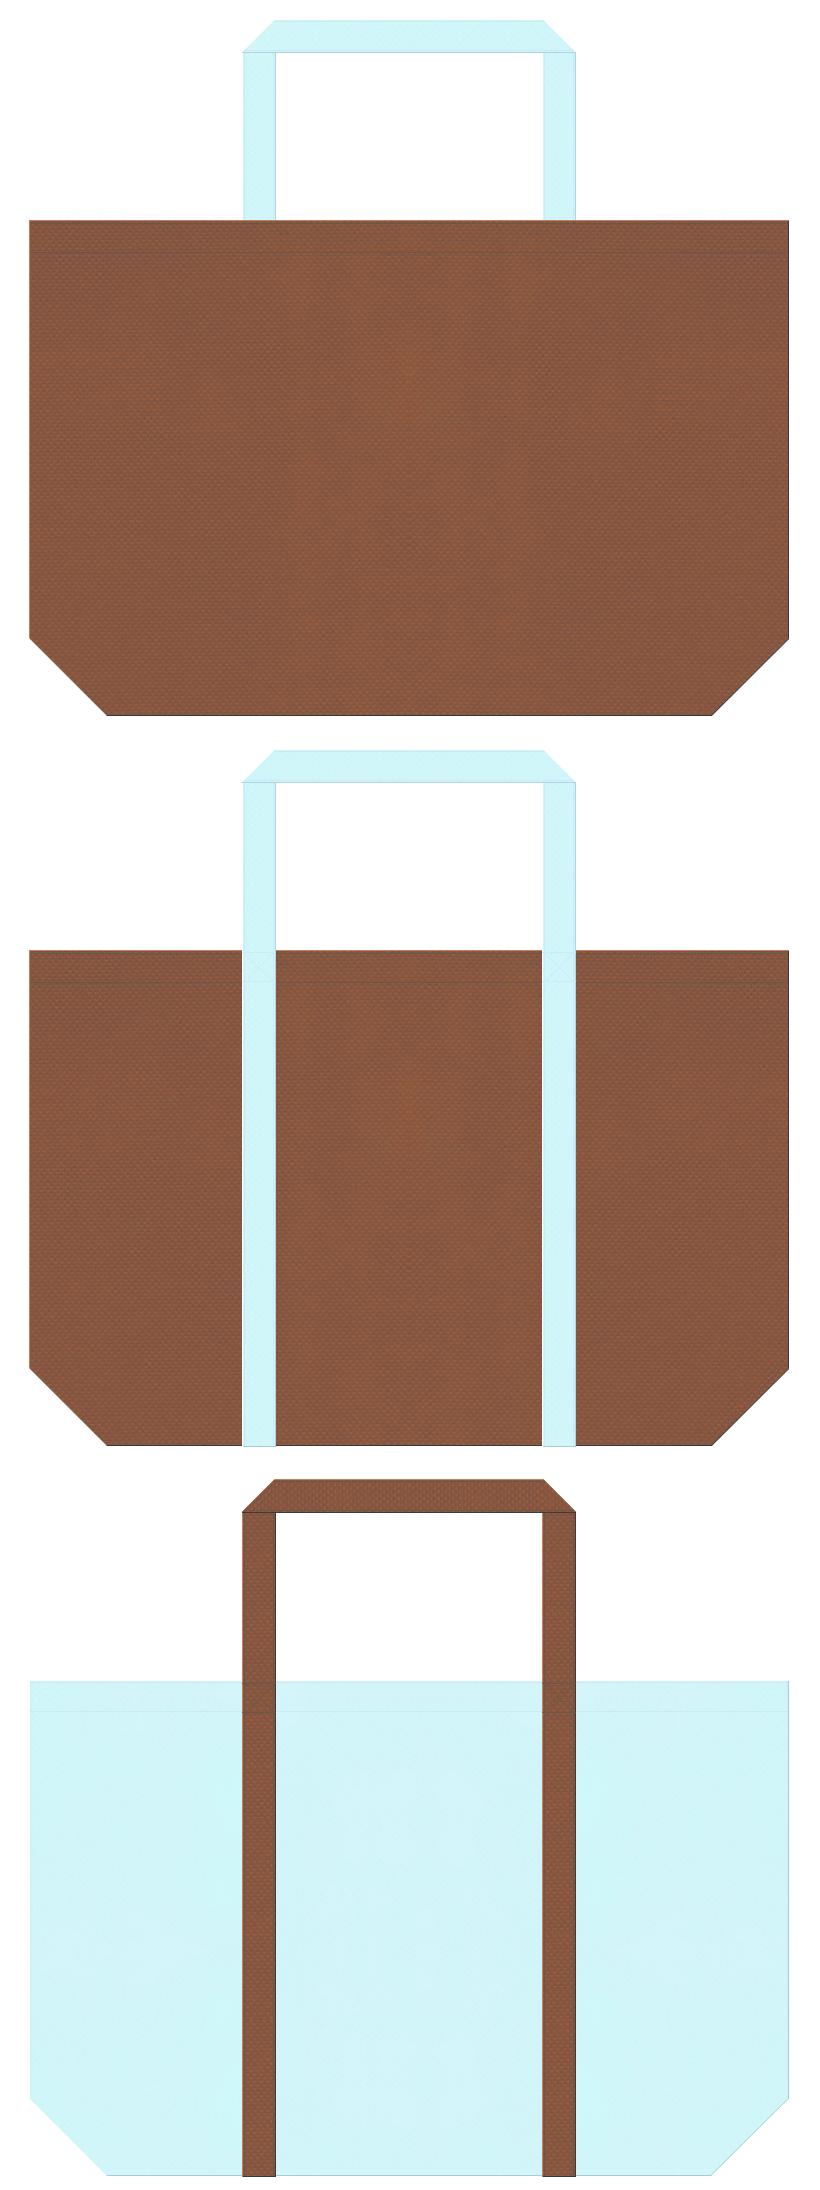 茶色と水色の不織布バッグデザイン。ミントチョコレート風の配色です。